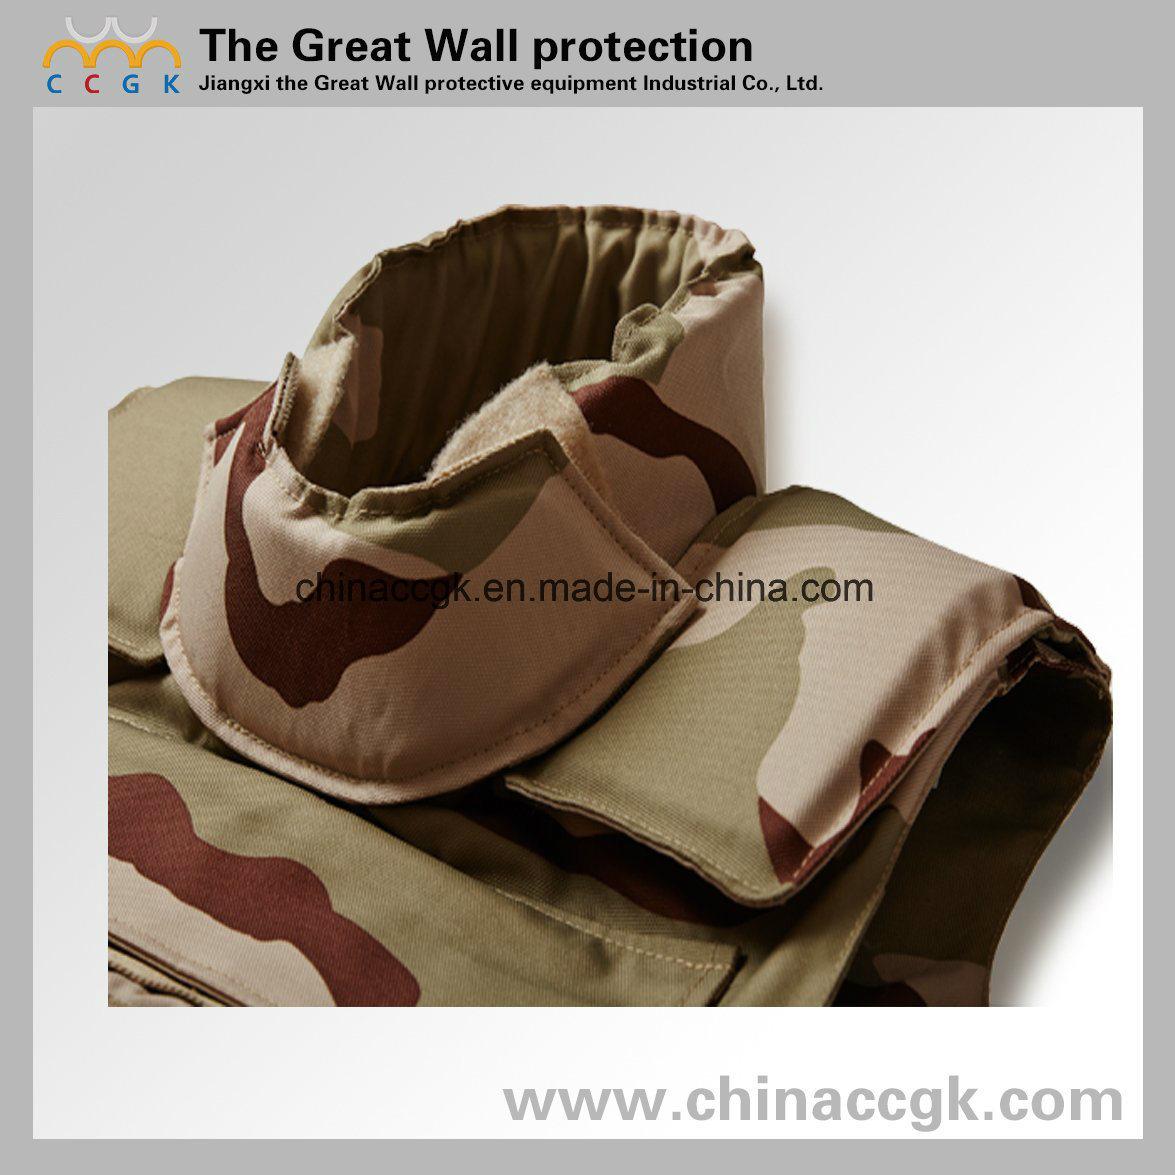 Desert Camouflage Full Protection Bulletproof Vest